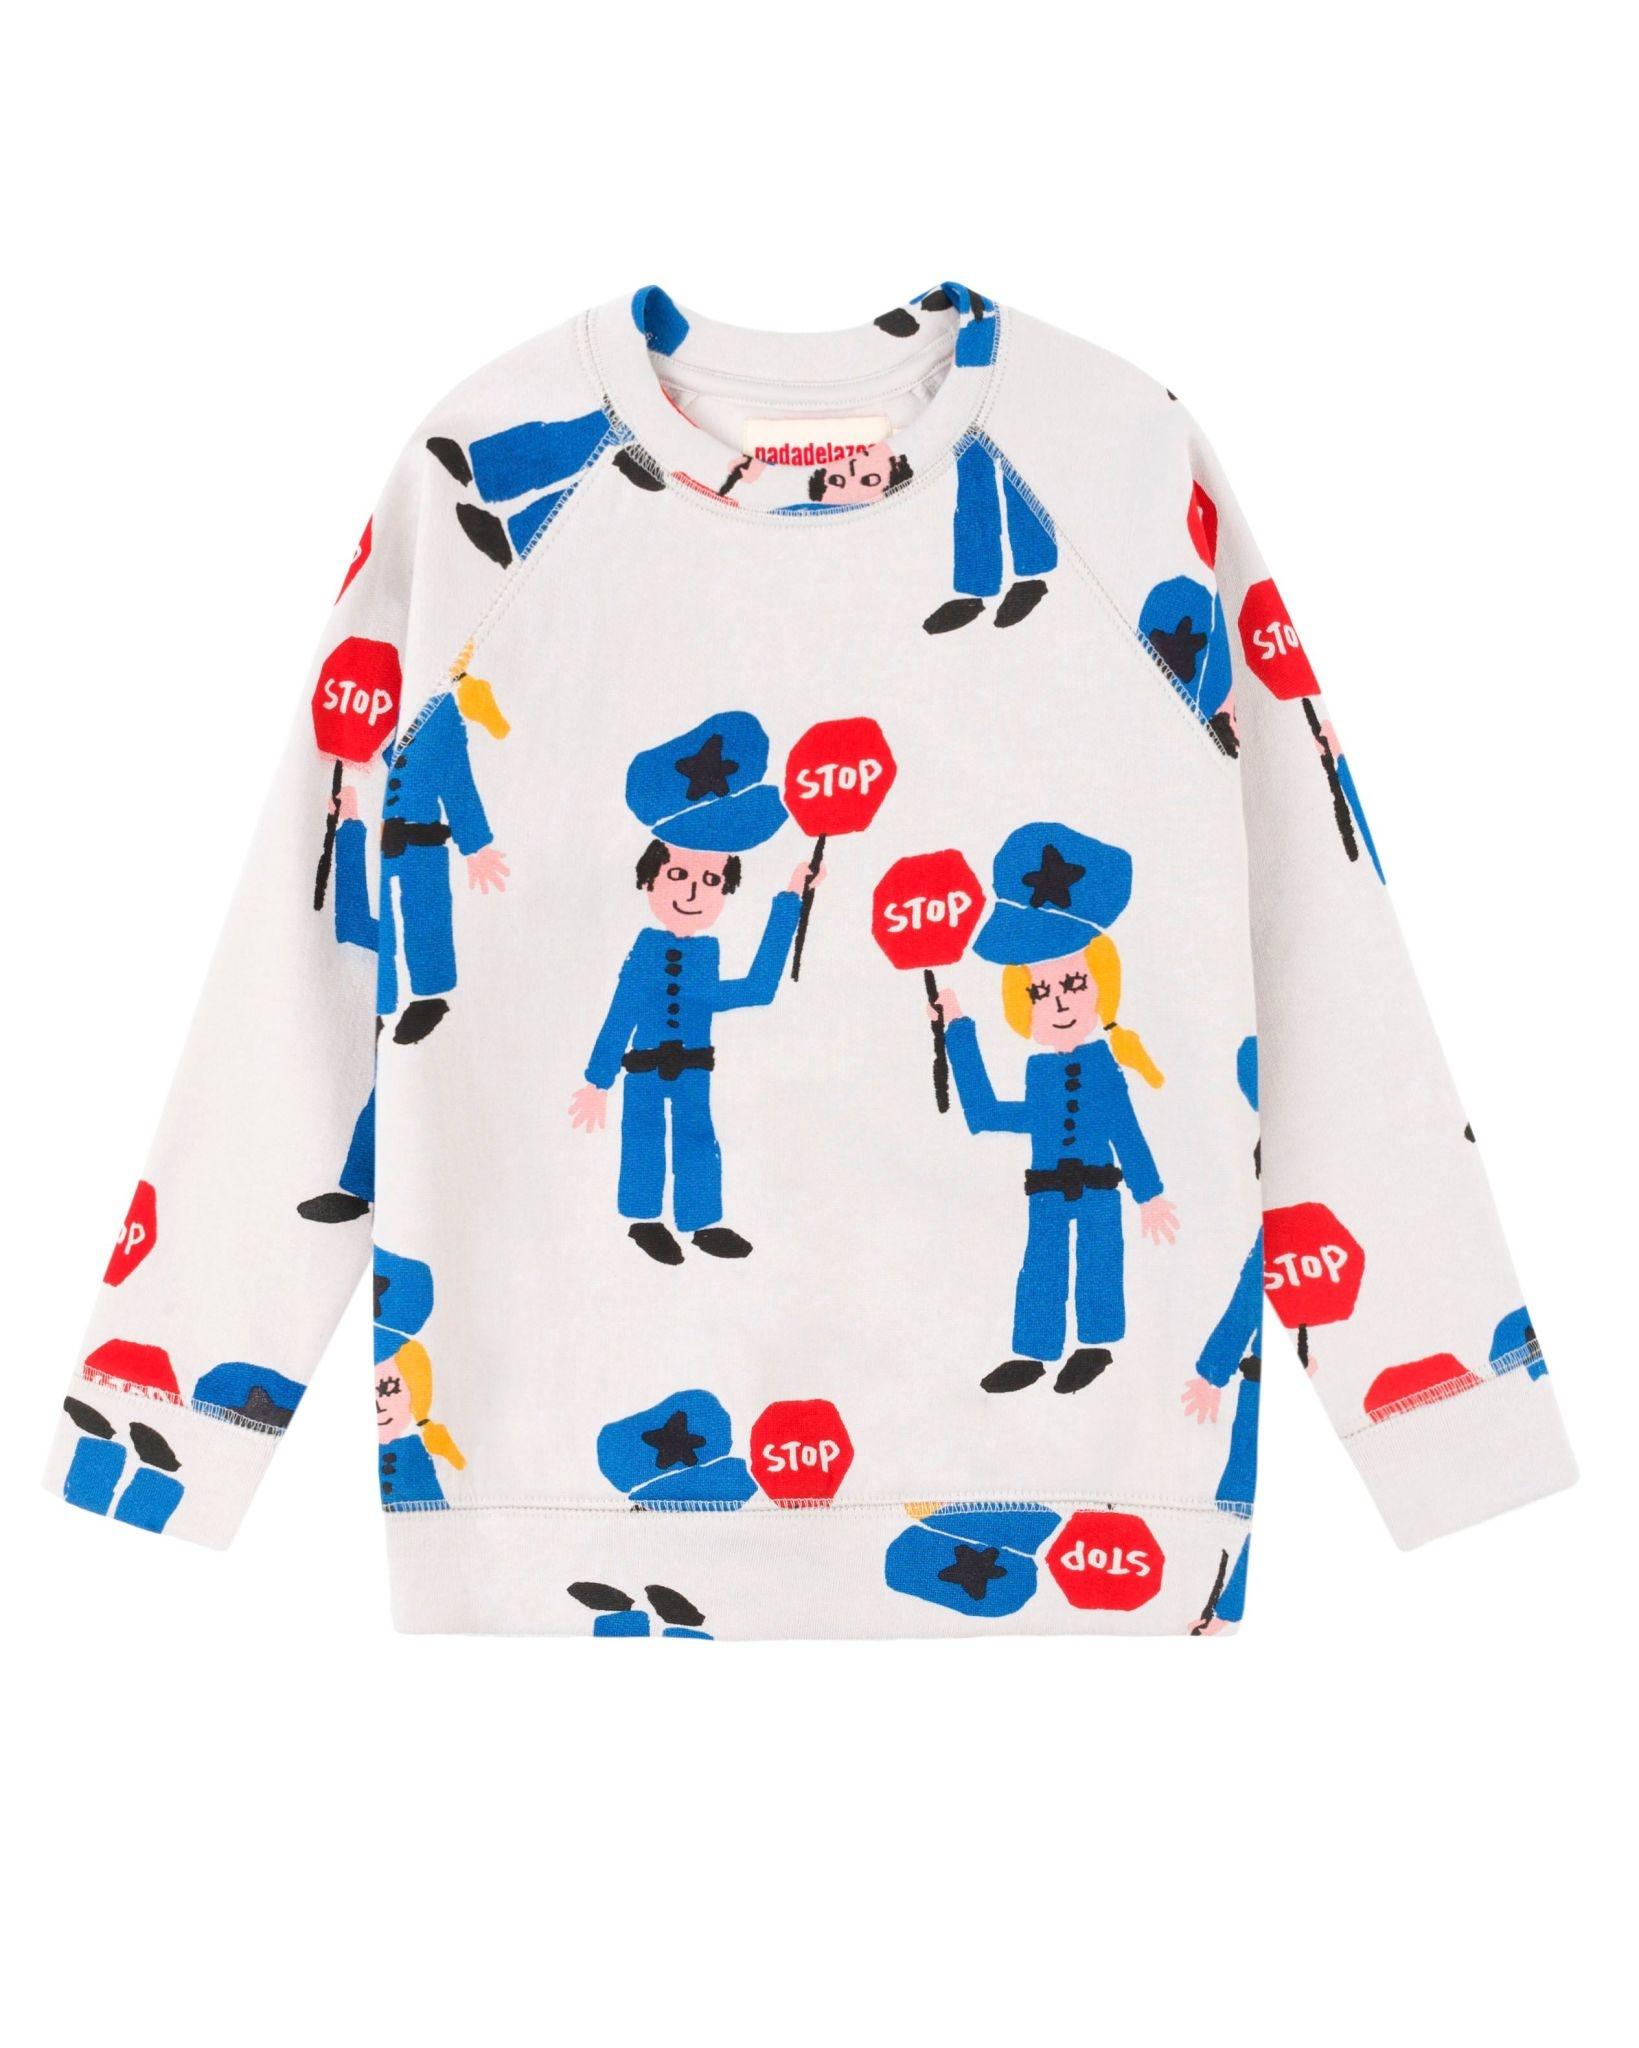 NADADELAZOUS Sweatshirt